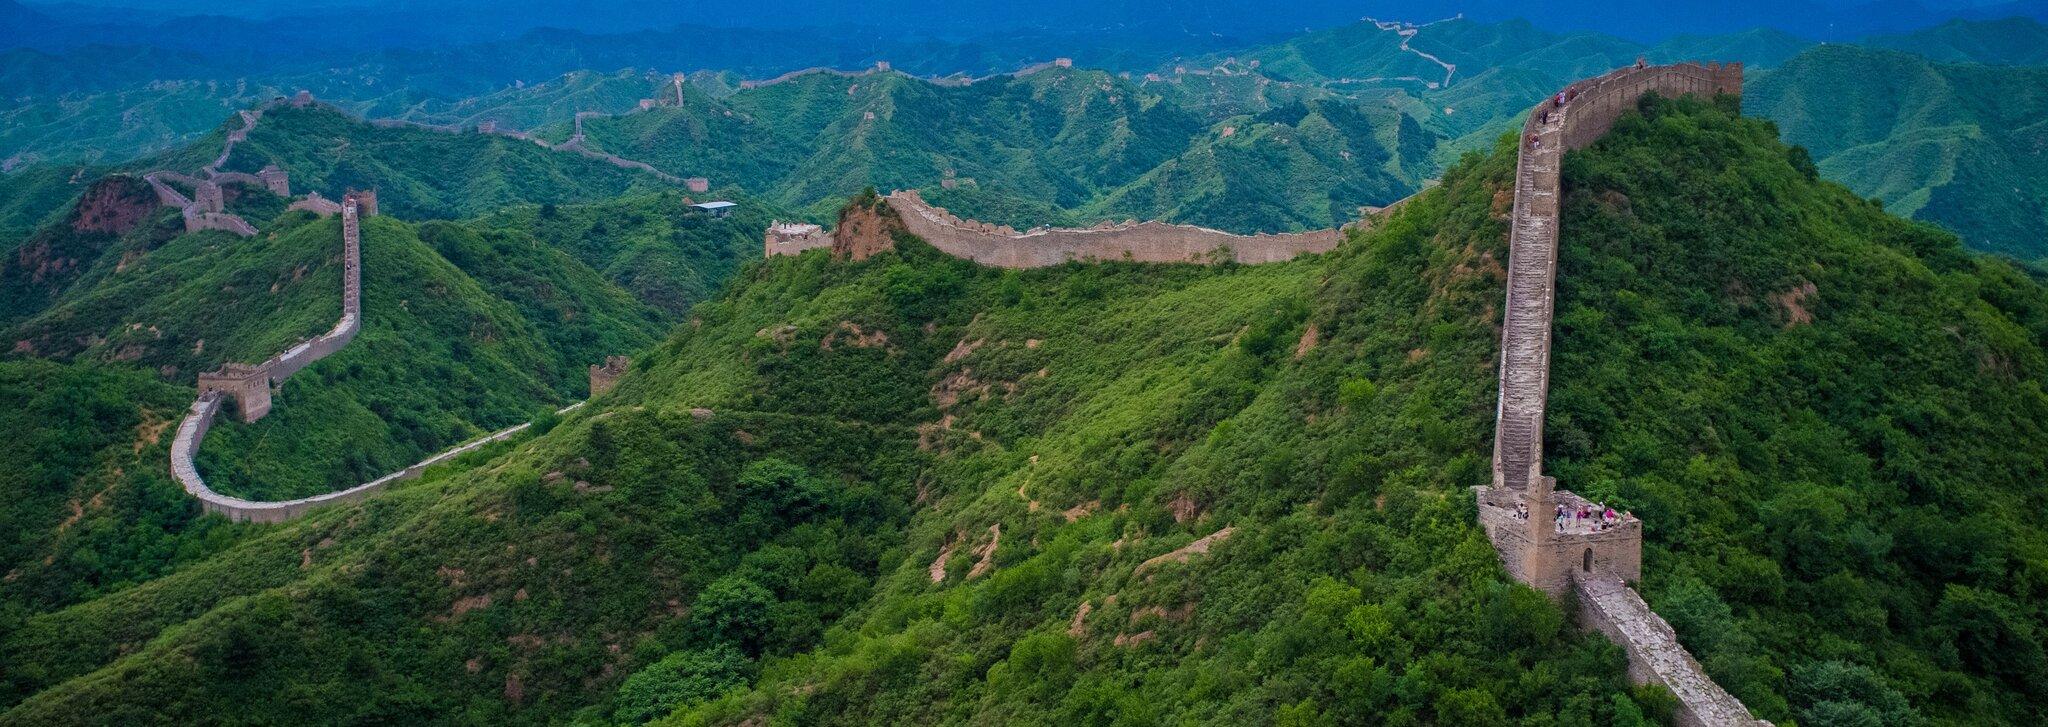 Wielki Mur Chiński Wielki Mur Chiński Źródło: Severin.stalder, licencja: CC BY 3.0.